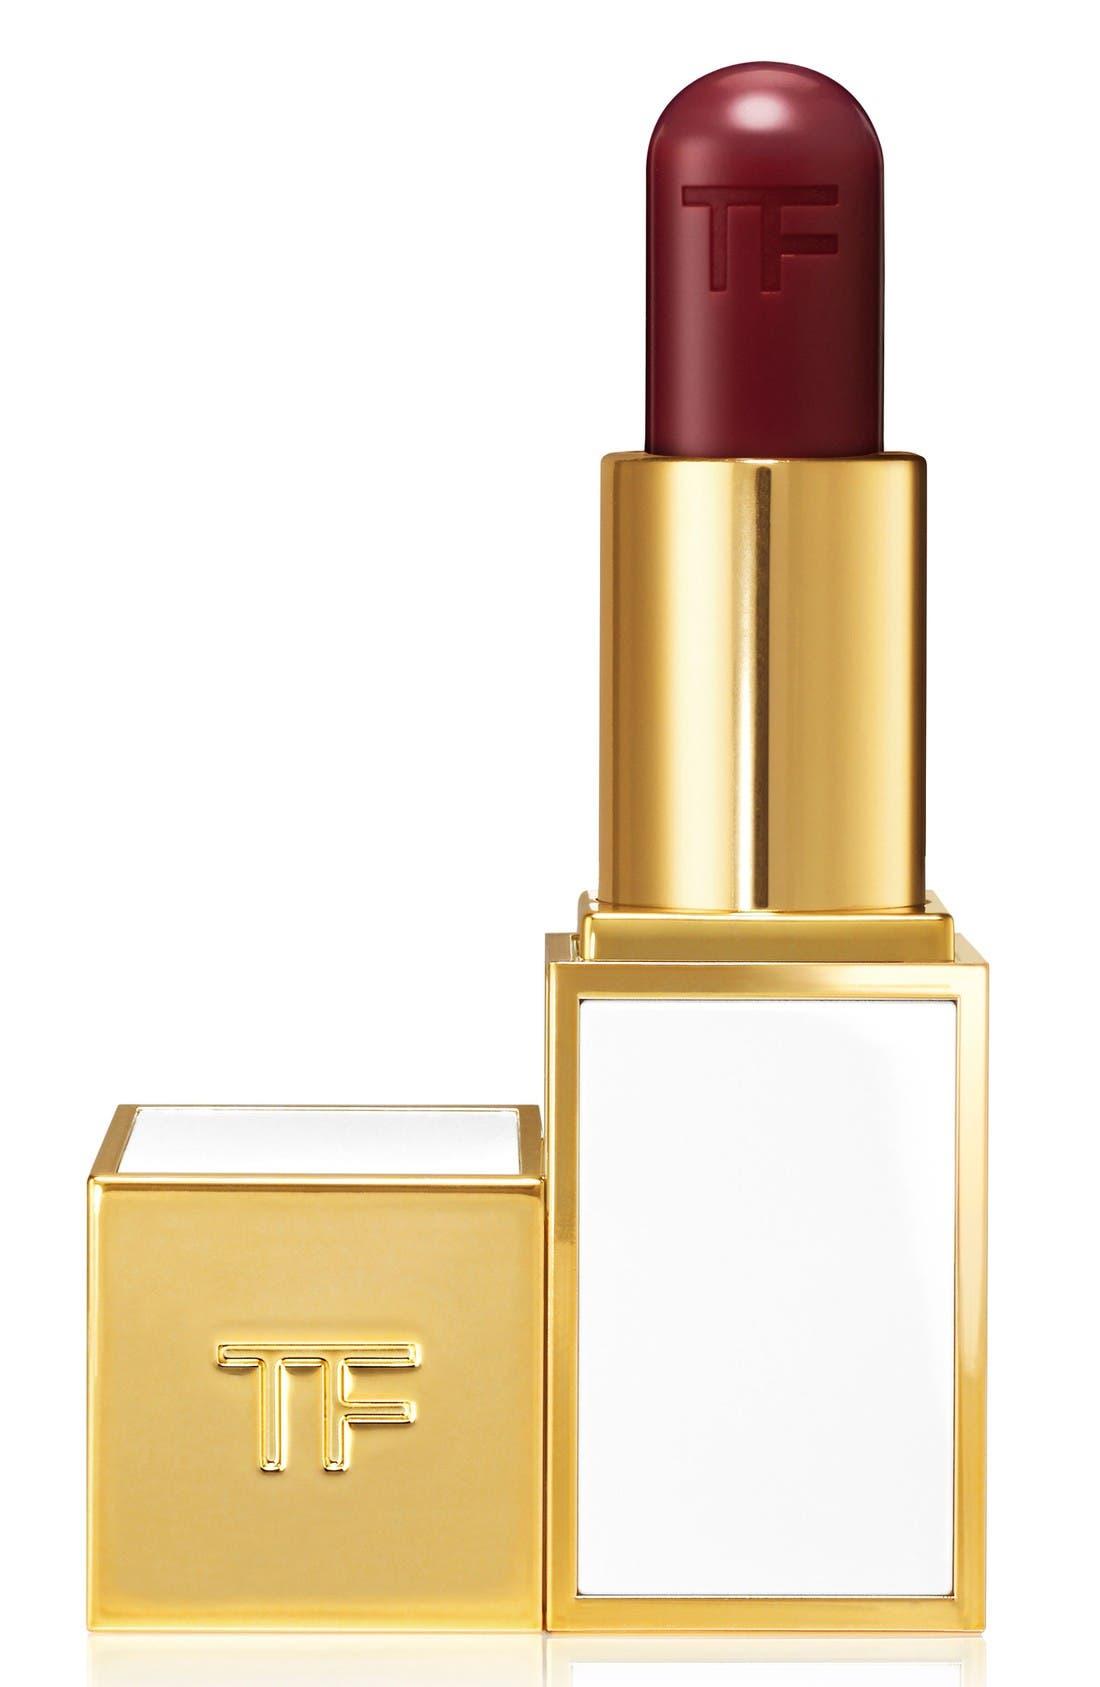 Tom Ford Soleil Clutch Sized Lip Balm (Limited Edition)